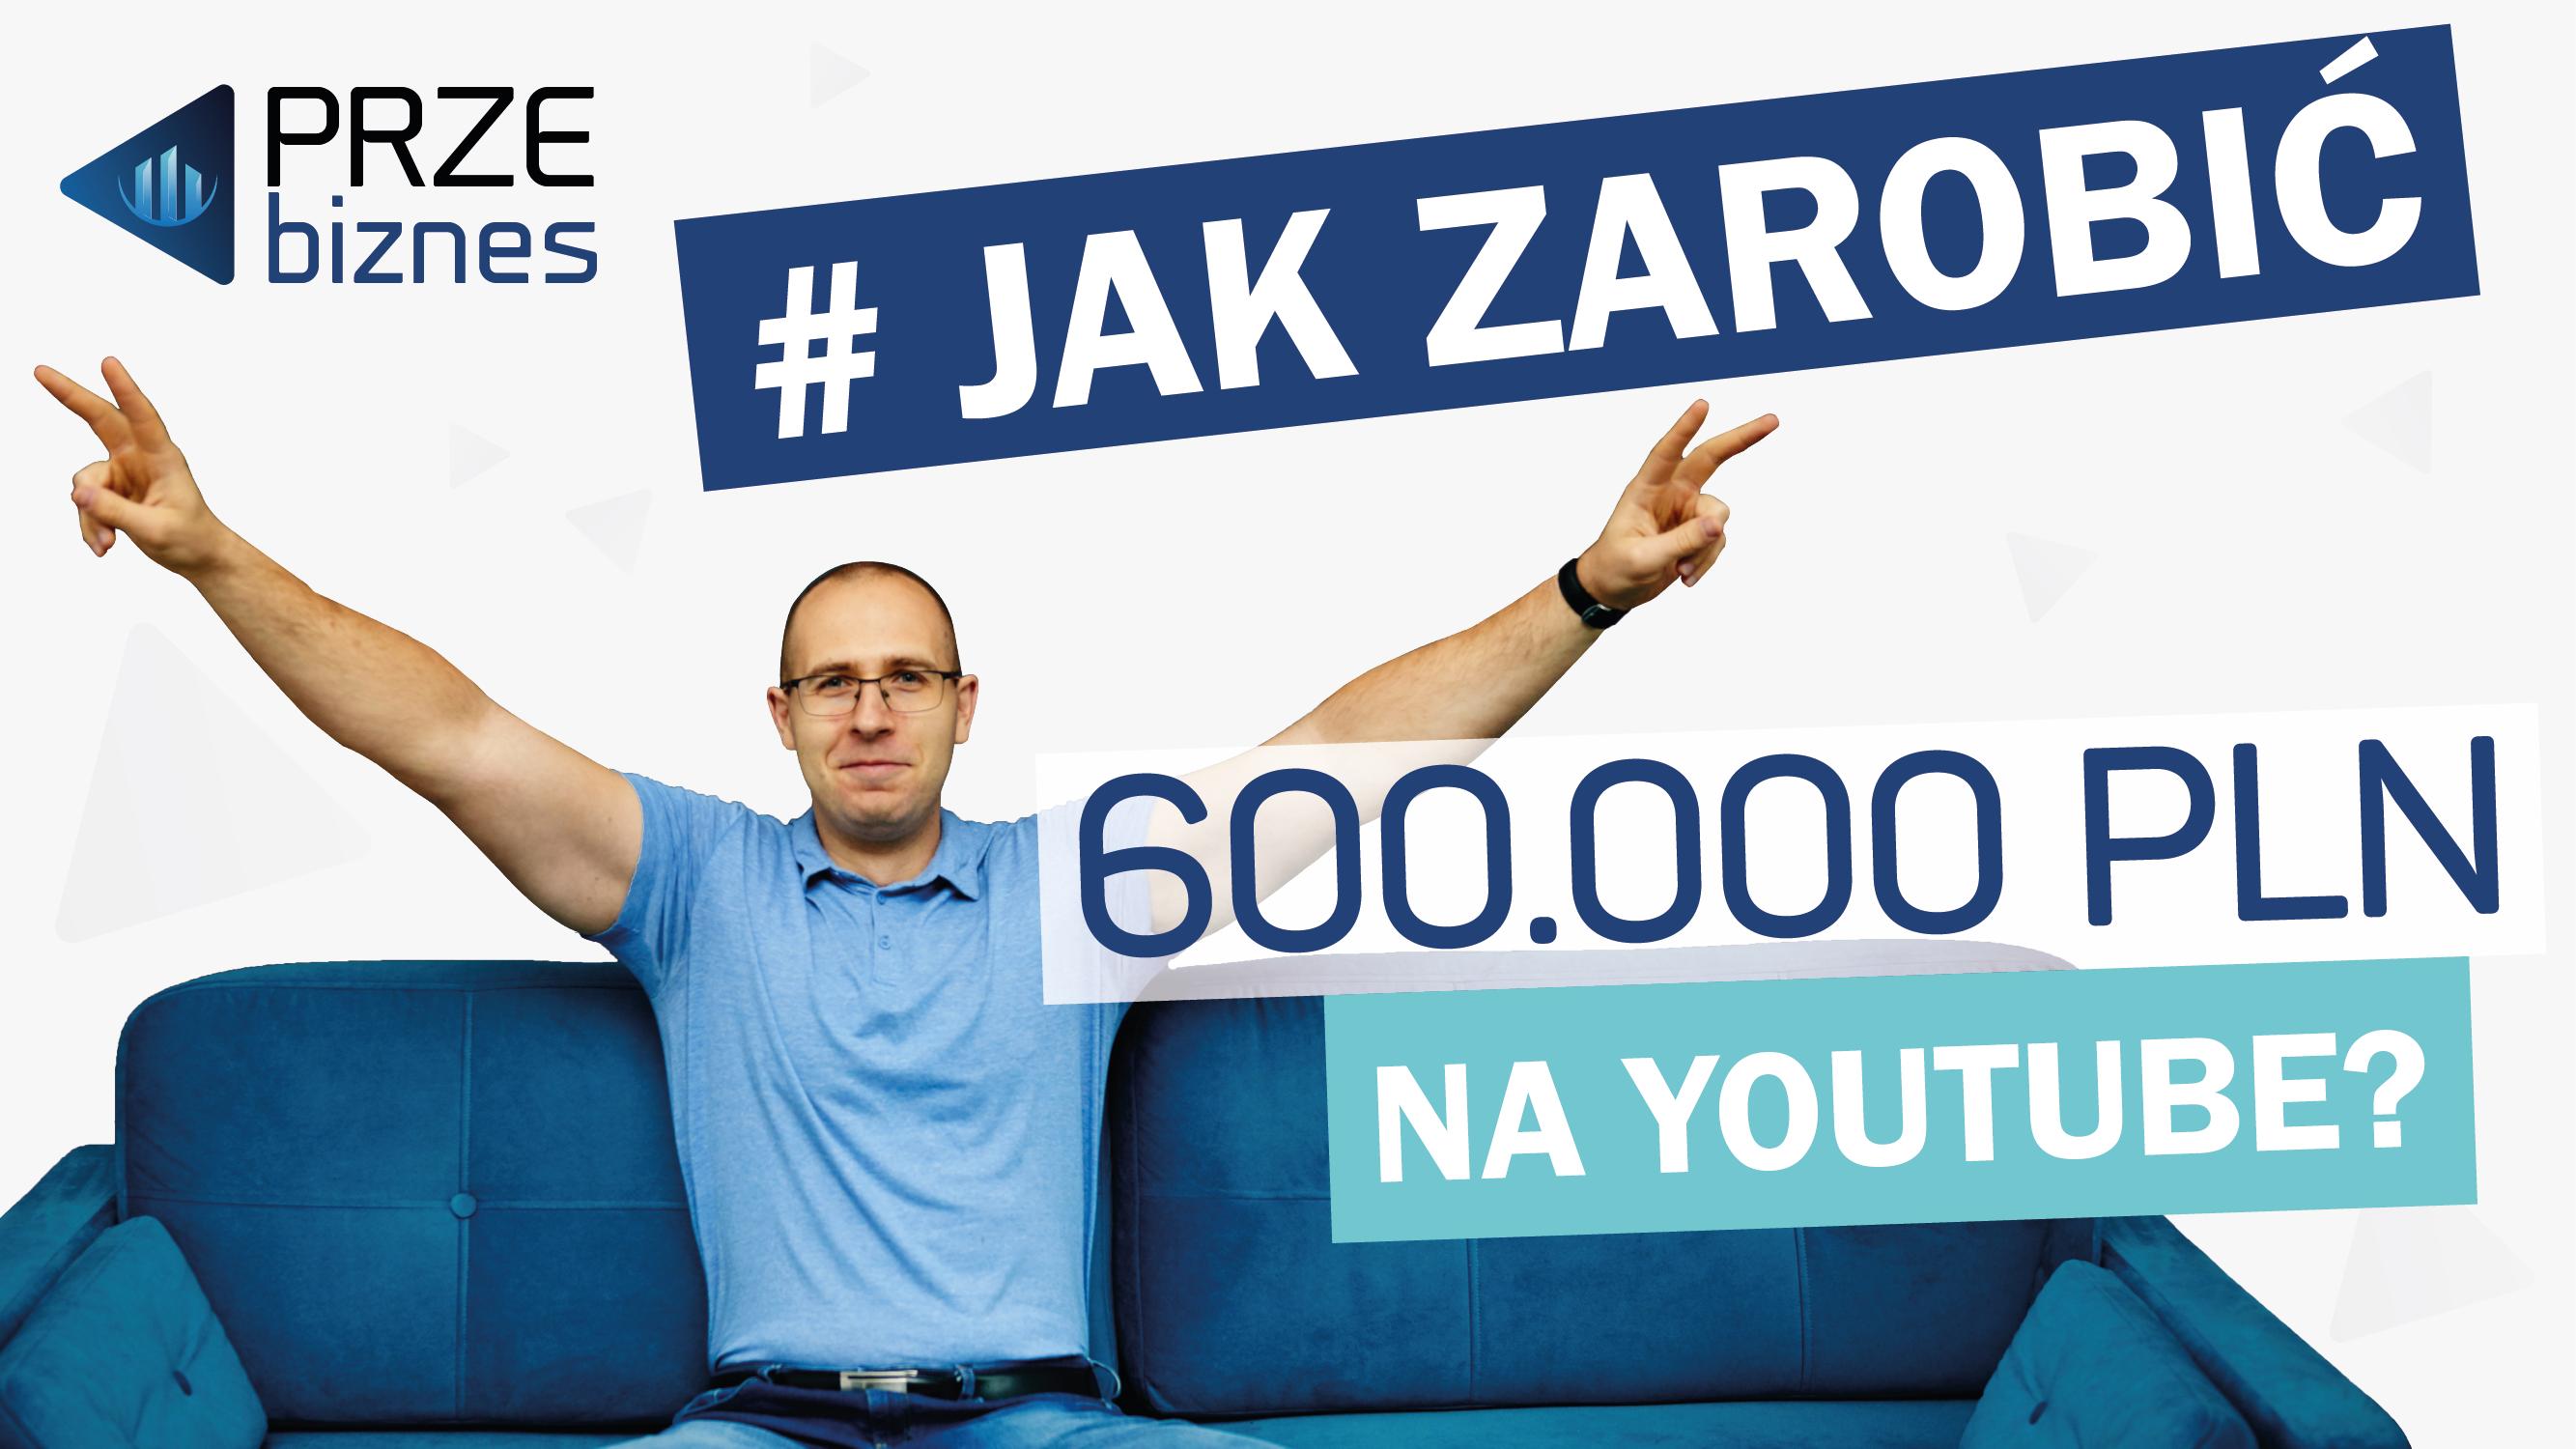 szczęśliwy-mężczyzna-w-niebieskiej-koszulce-napis-#-jak-zarobić-600.000-na-youtube